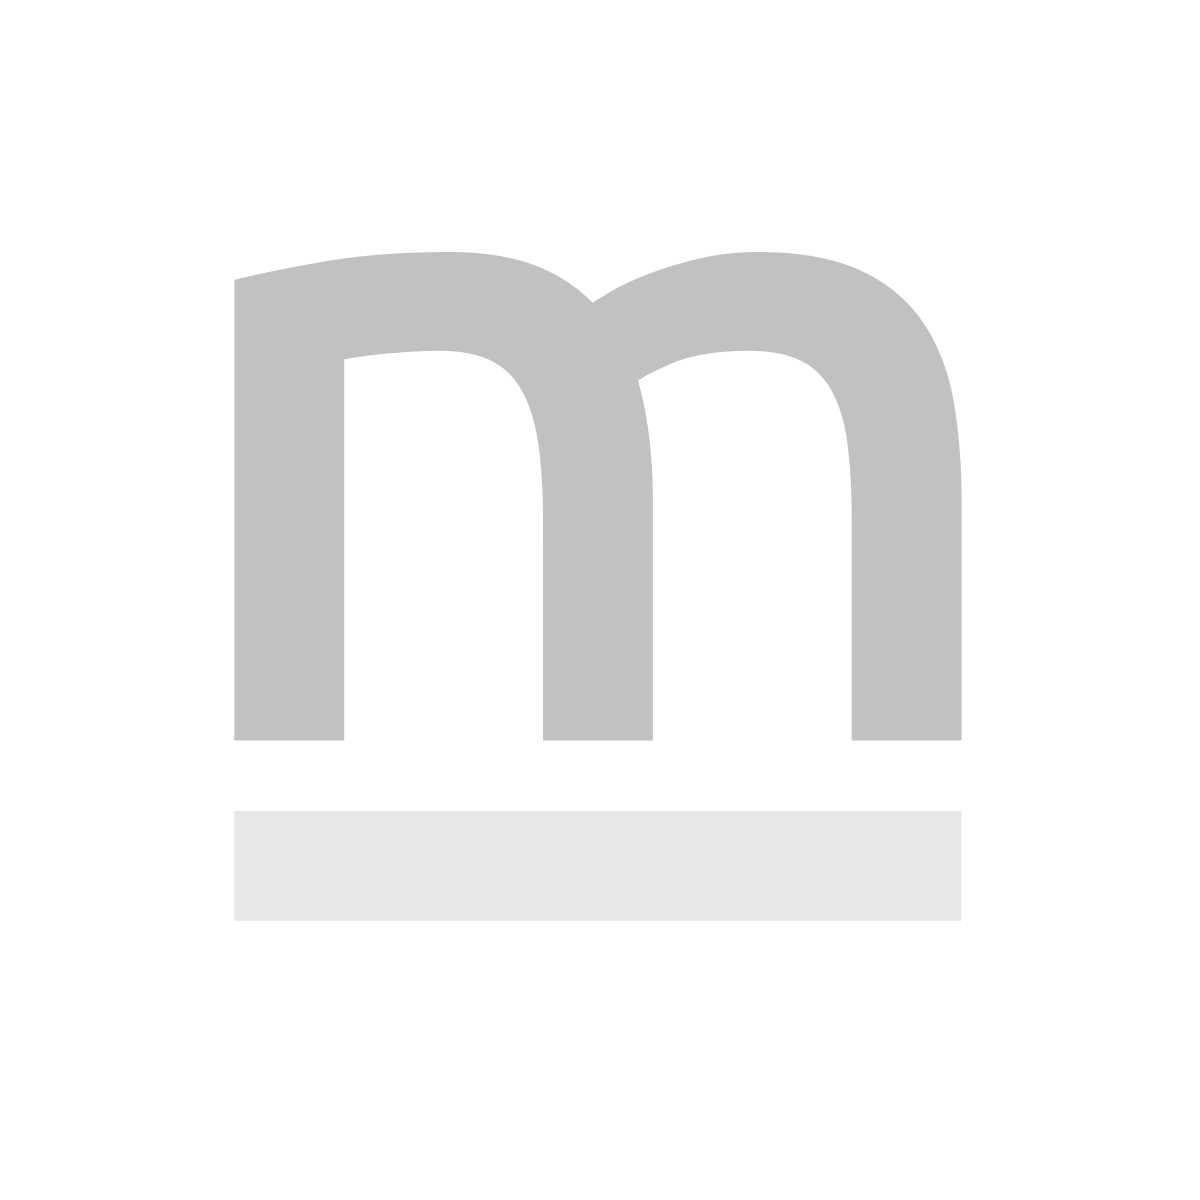 Fototapeta - Abstrakcyjny korytarz